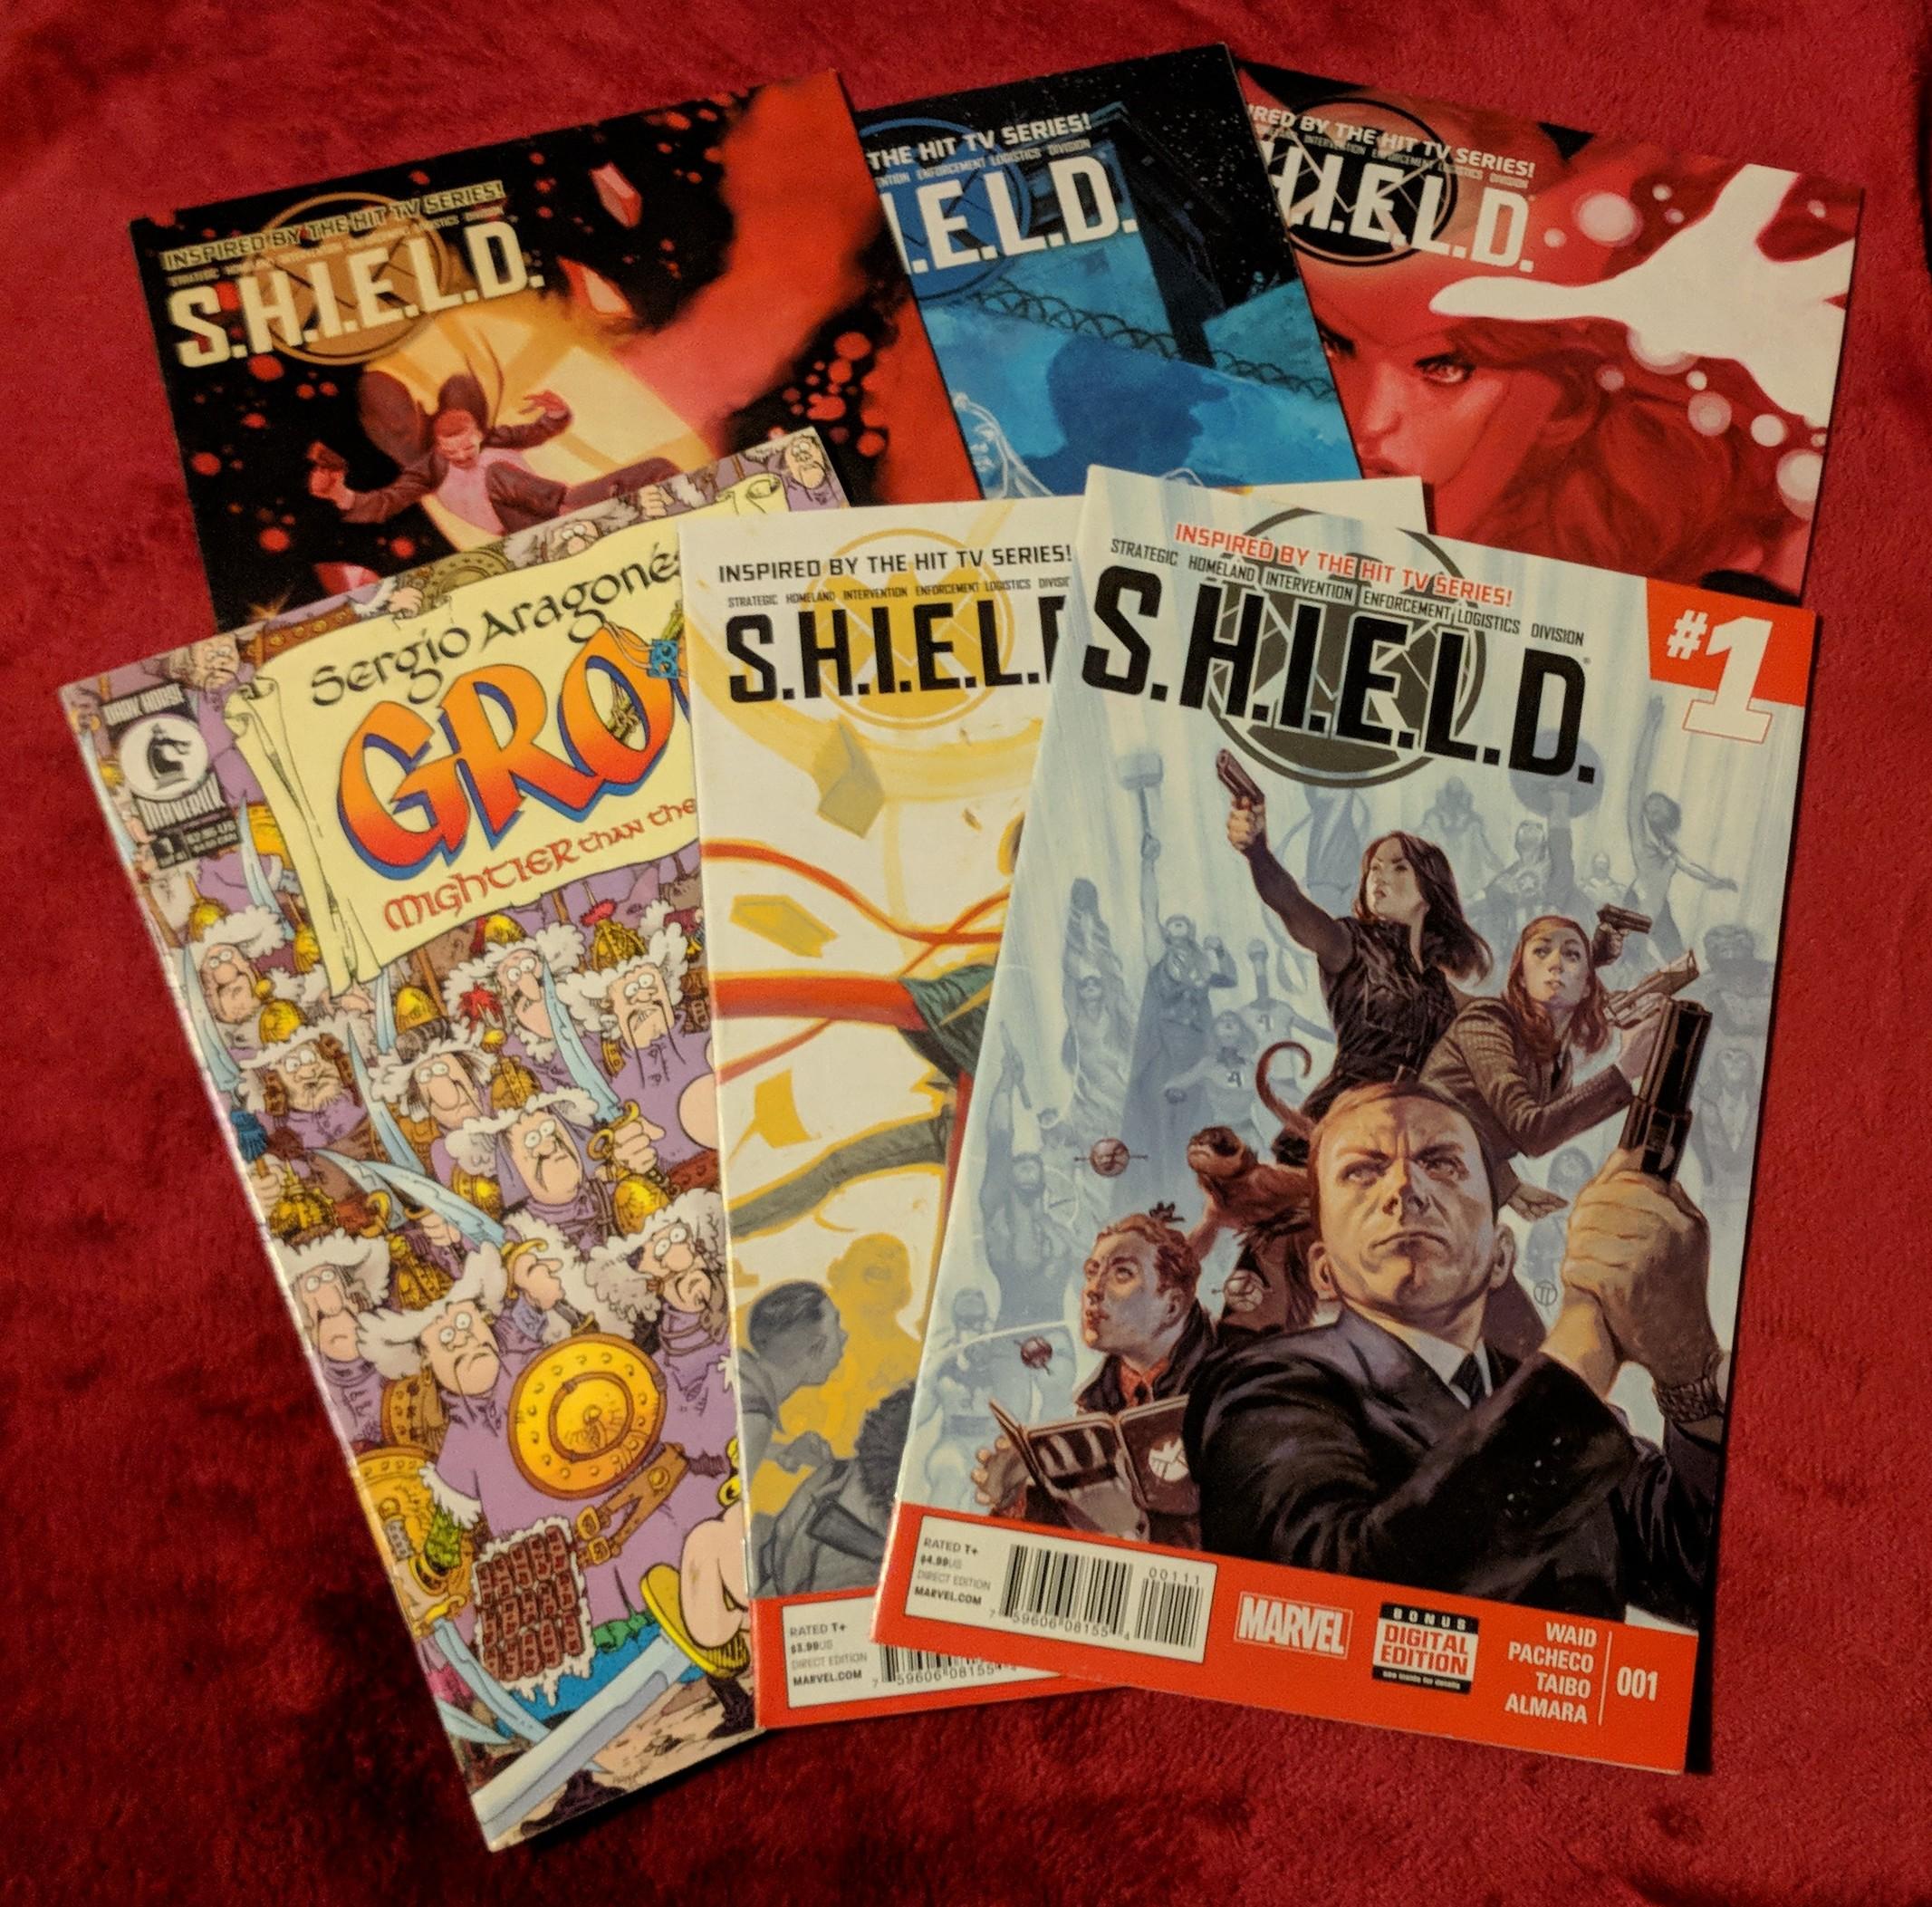 S.H.I.E.L.D and Groo comics